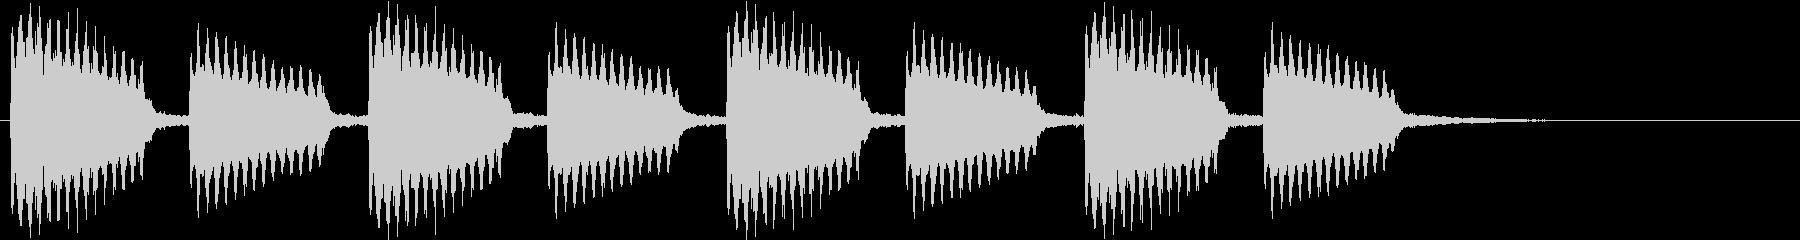 古い印象のギター音#01の未再生の波形